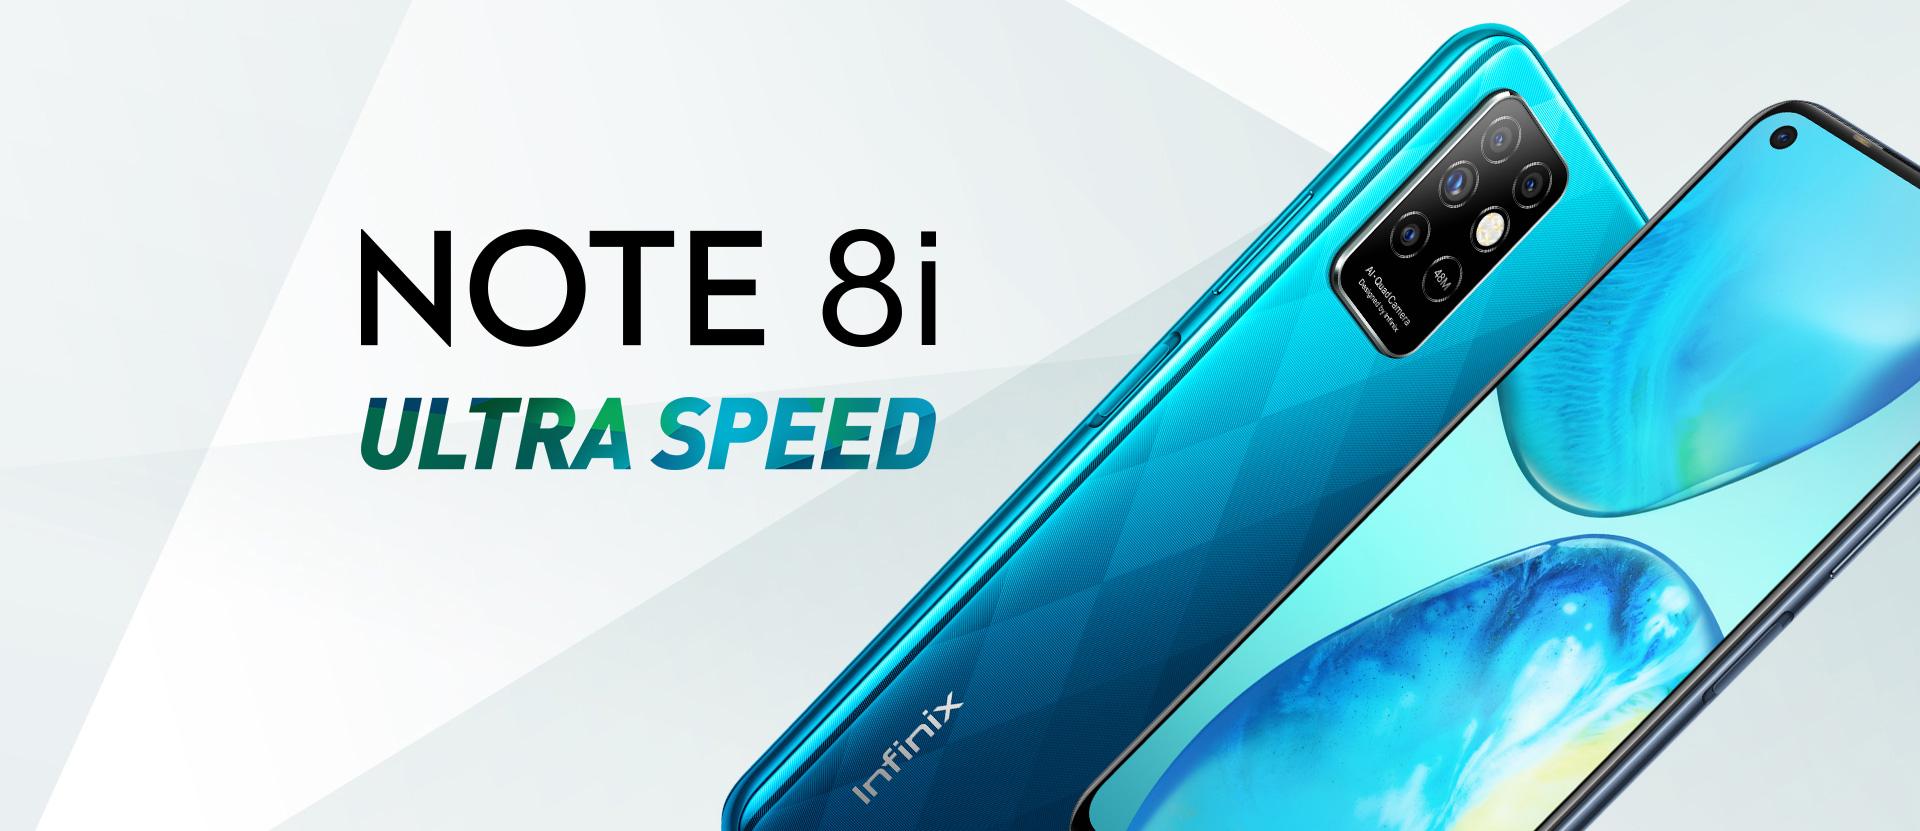 گوشی موبایل اینفینیکس Note 8i